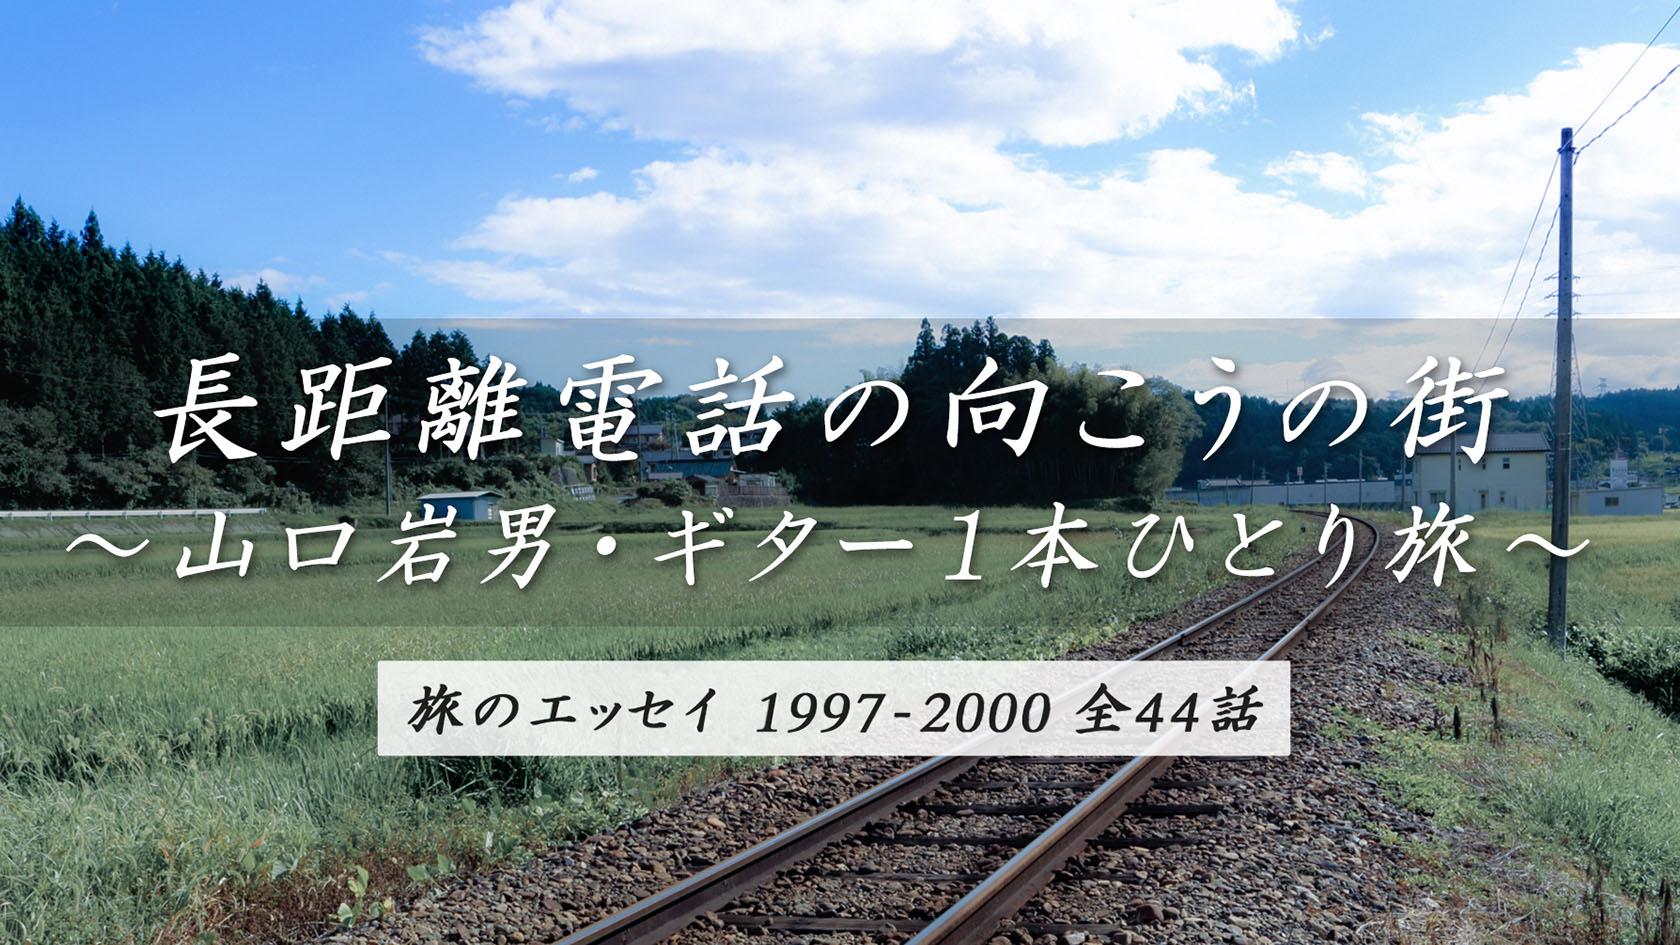 長距離電話の向こうの街~山口岩男・ギター1本ひとり旅